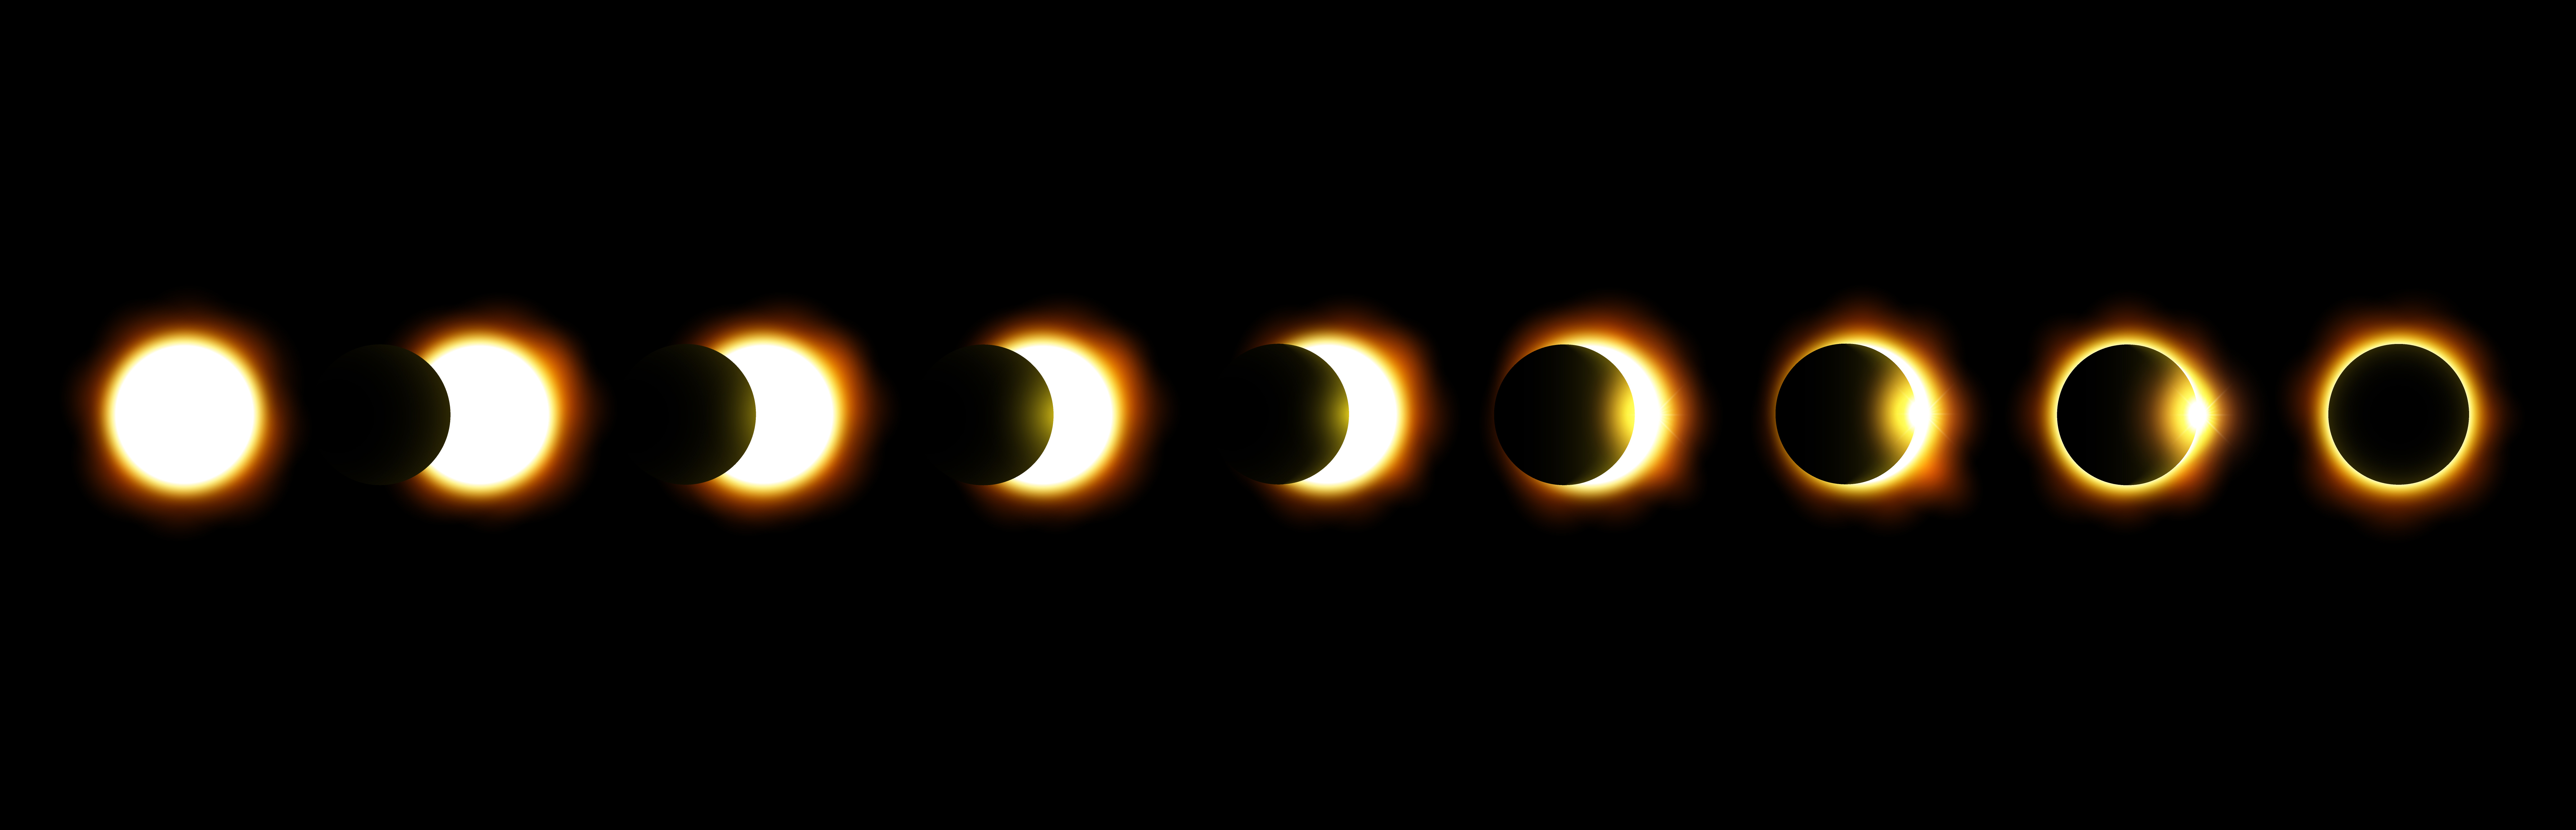 Aplicaciones imprescindibles para ver el eclipse de Sol desde cualquier parte del mundo